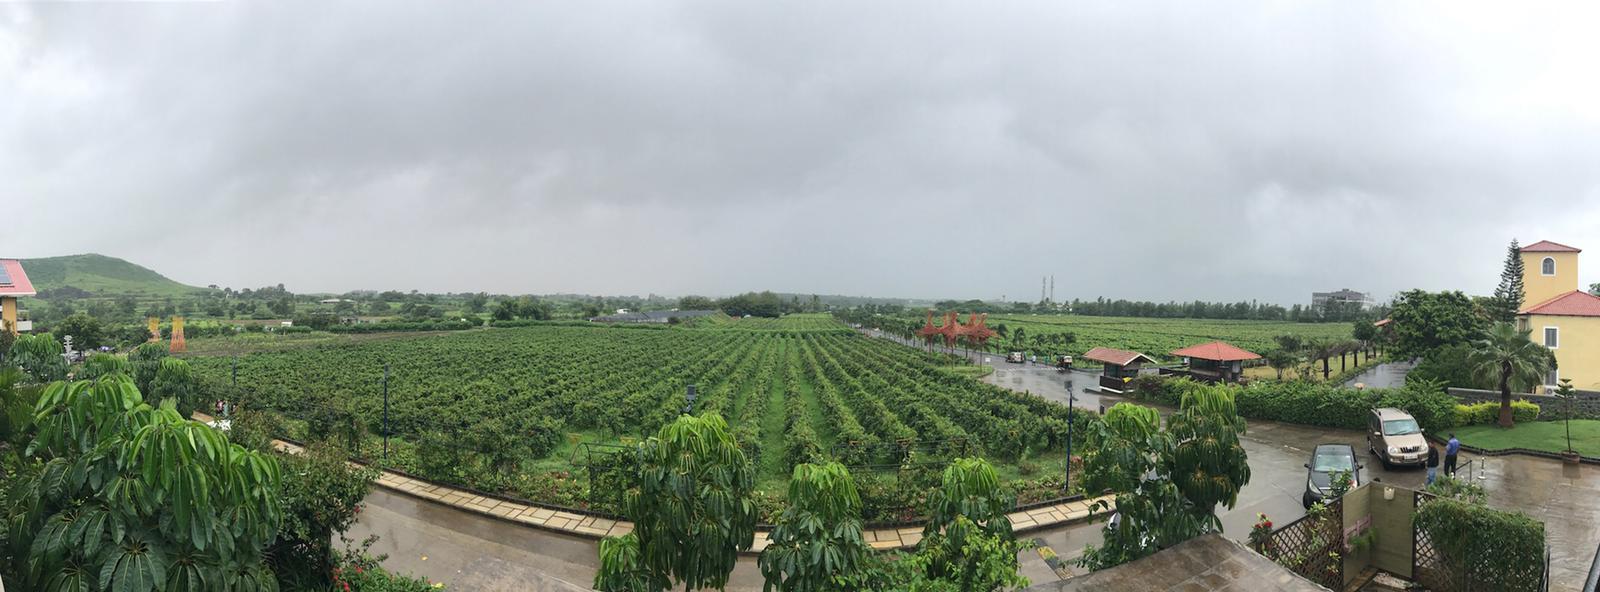 vini indiani immagine